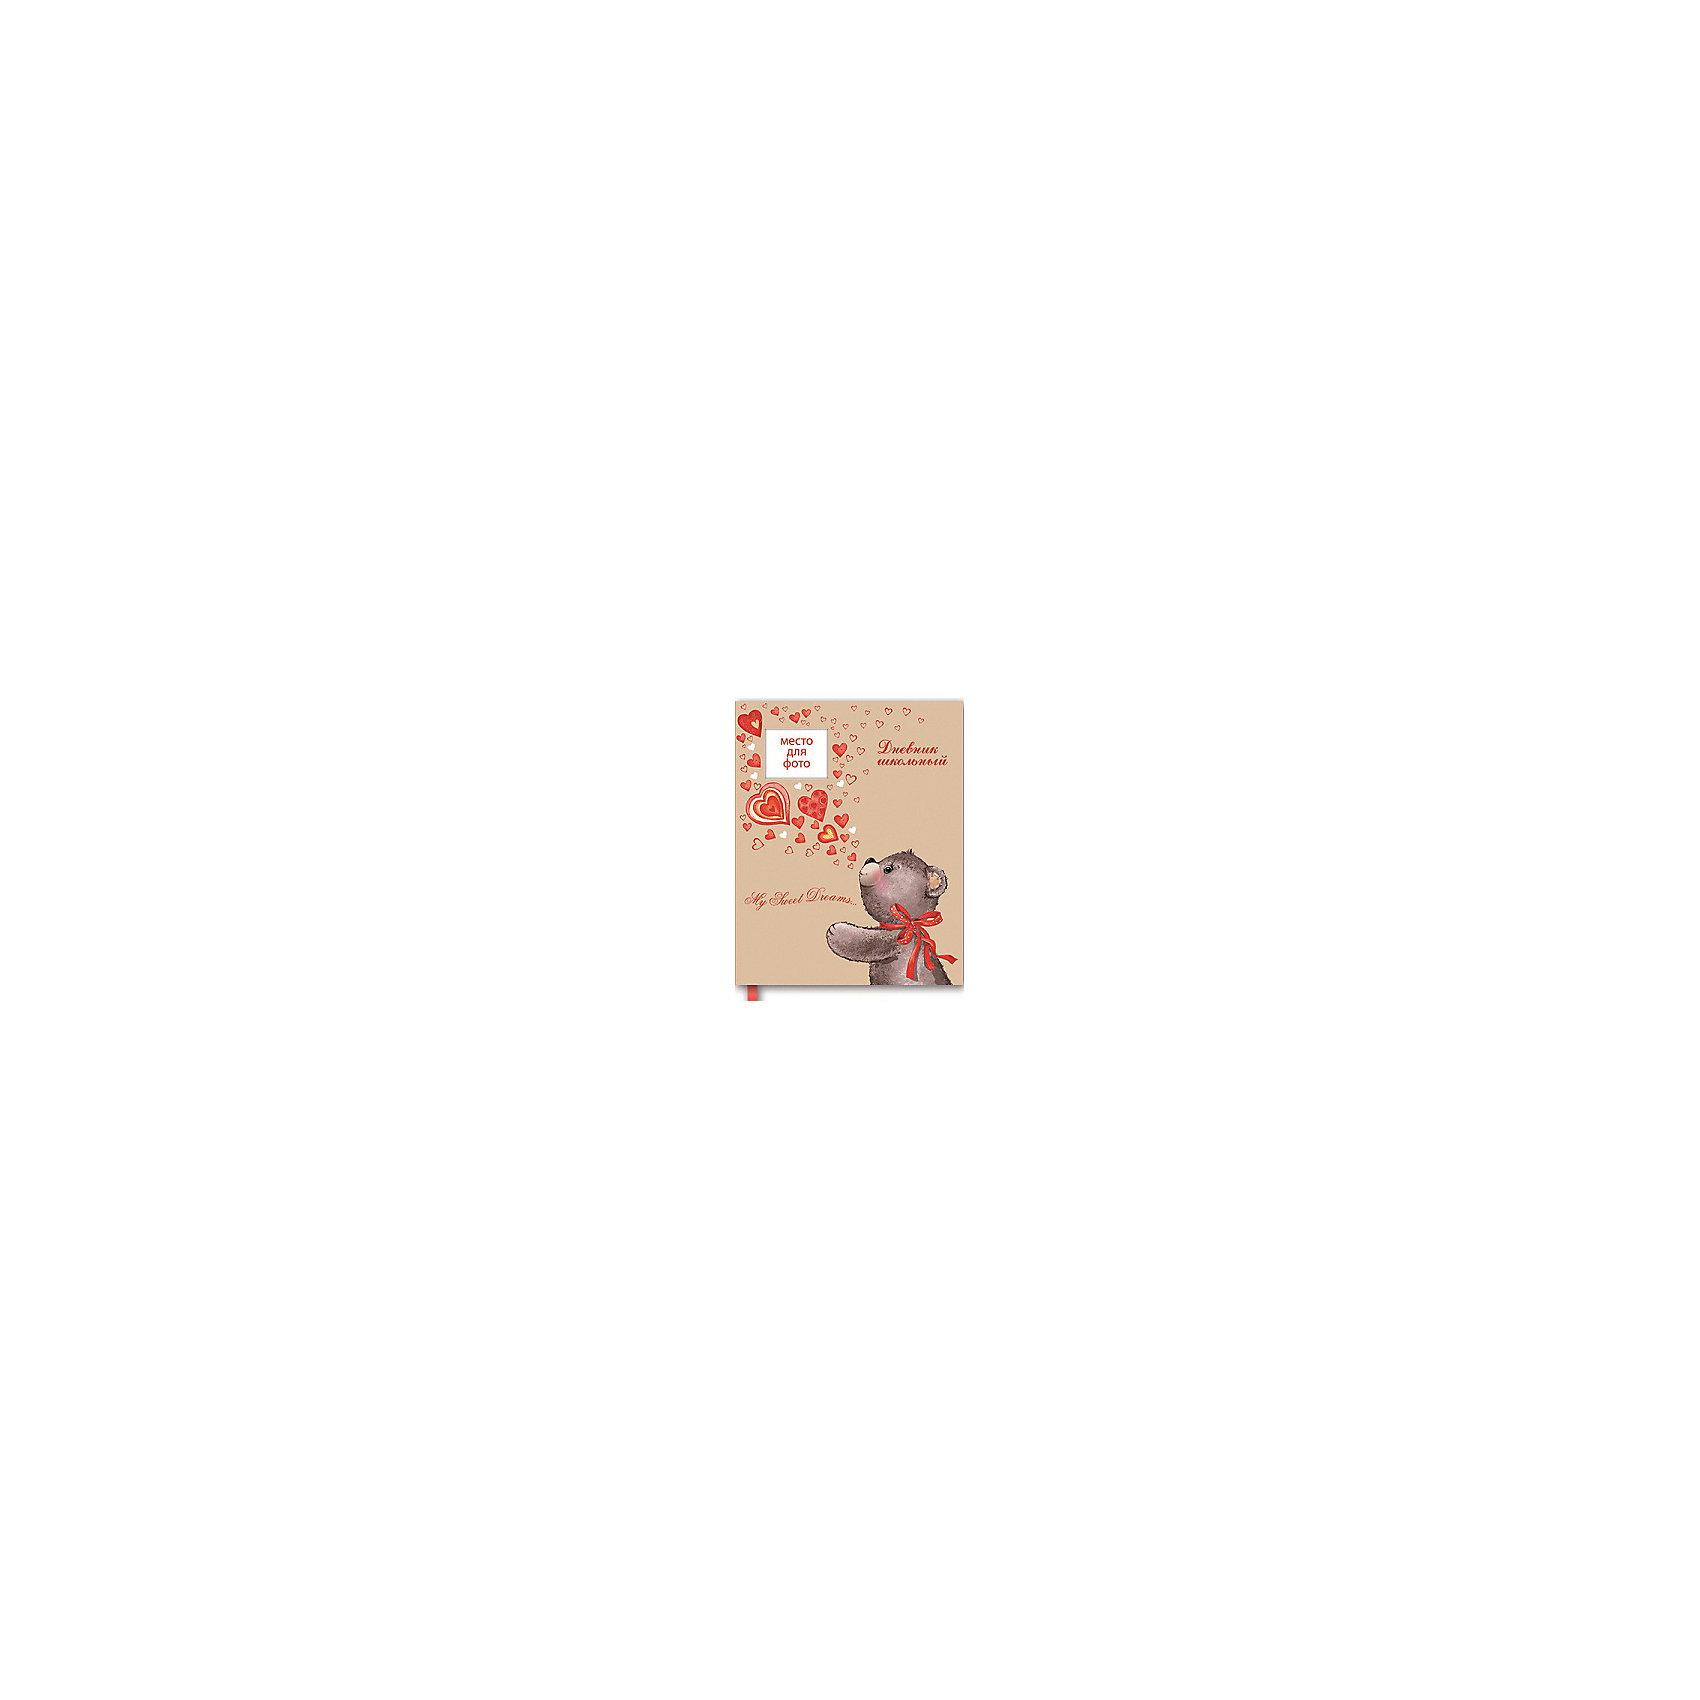 Дневник Мишка и сердечкиДневник нужен каждому школьнику. Занятия ребенка в школе всегда требуют приобретения атрибутов для учебы. Так пусть они будут стильными и качественными! Ведь учиться с ними - намного приятней.<br>Школьный дневник Мишка и сердечки - стандартного формата А5. Обложка - из плотной бумаги с изображением симпатичного медвежонка. Листы надежно скреплены. Изделие произведено из качественных и безопасных для ребенка материалов.<br><br>Дополнительная информация:<br><br>цвет: разноцветный;<br>формат: А5;<br>материал: бумага.<br><br>Дневник Мишка и сердечки можно купить в нашем магазине.<br><br>Ширина мм: 215<br>Глубина мм: 175<br>Высота мм: 10<br>Вес г: 240<br>Возраст от месяцев: 72<br>Возраст до месяцев: 192<br>Пол: Женский<br>Возраст: Детский<br>SKU: 4746247